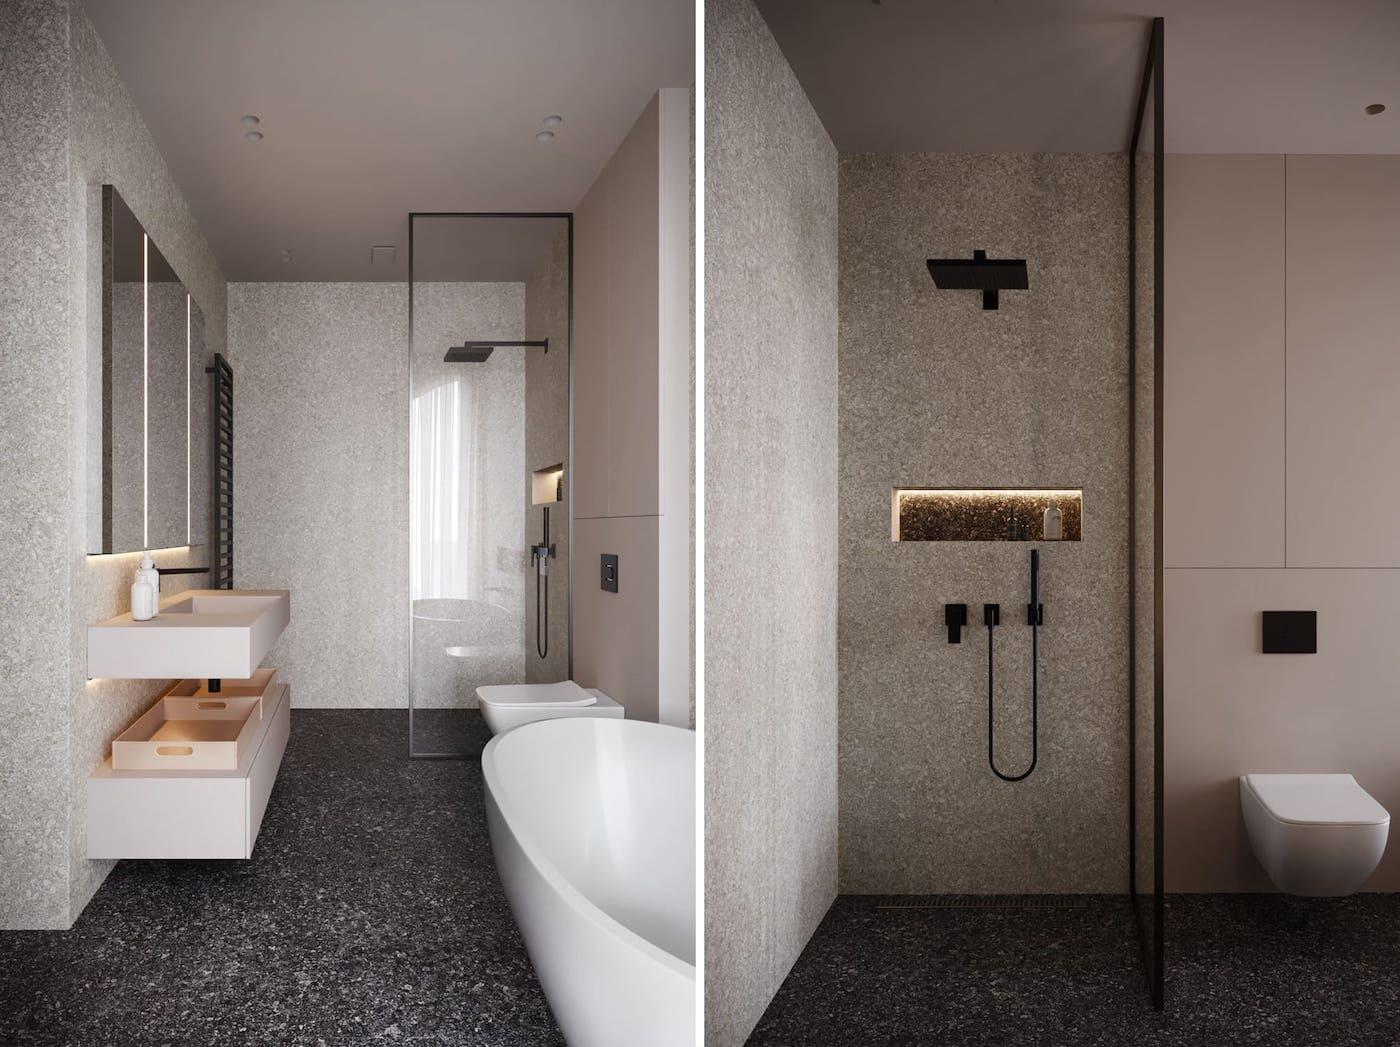 design d'intérieur d'un appartement à la mode photo 10